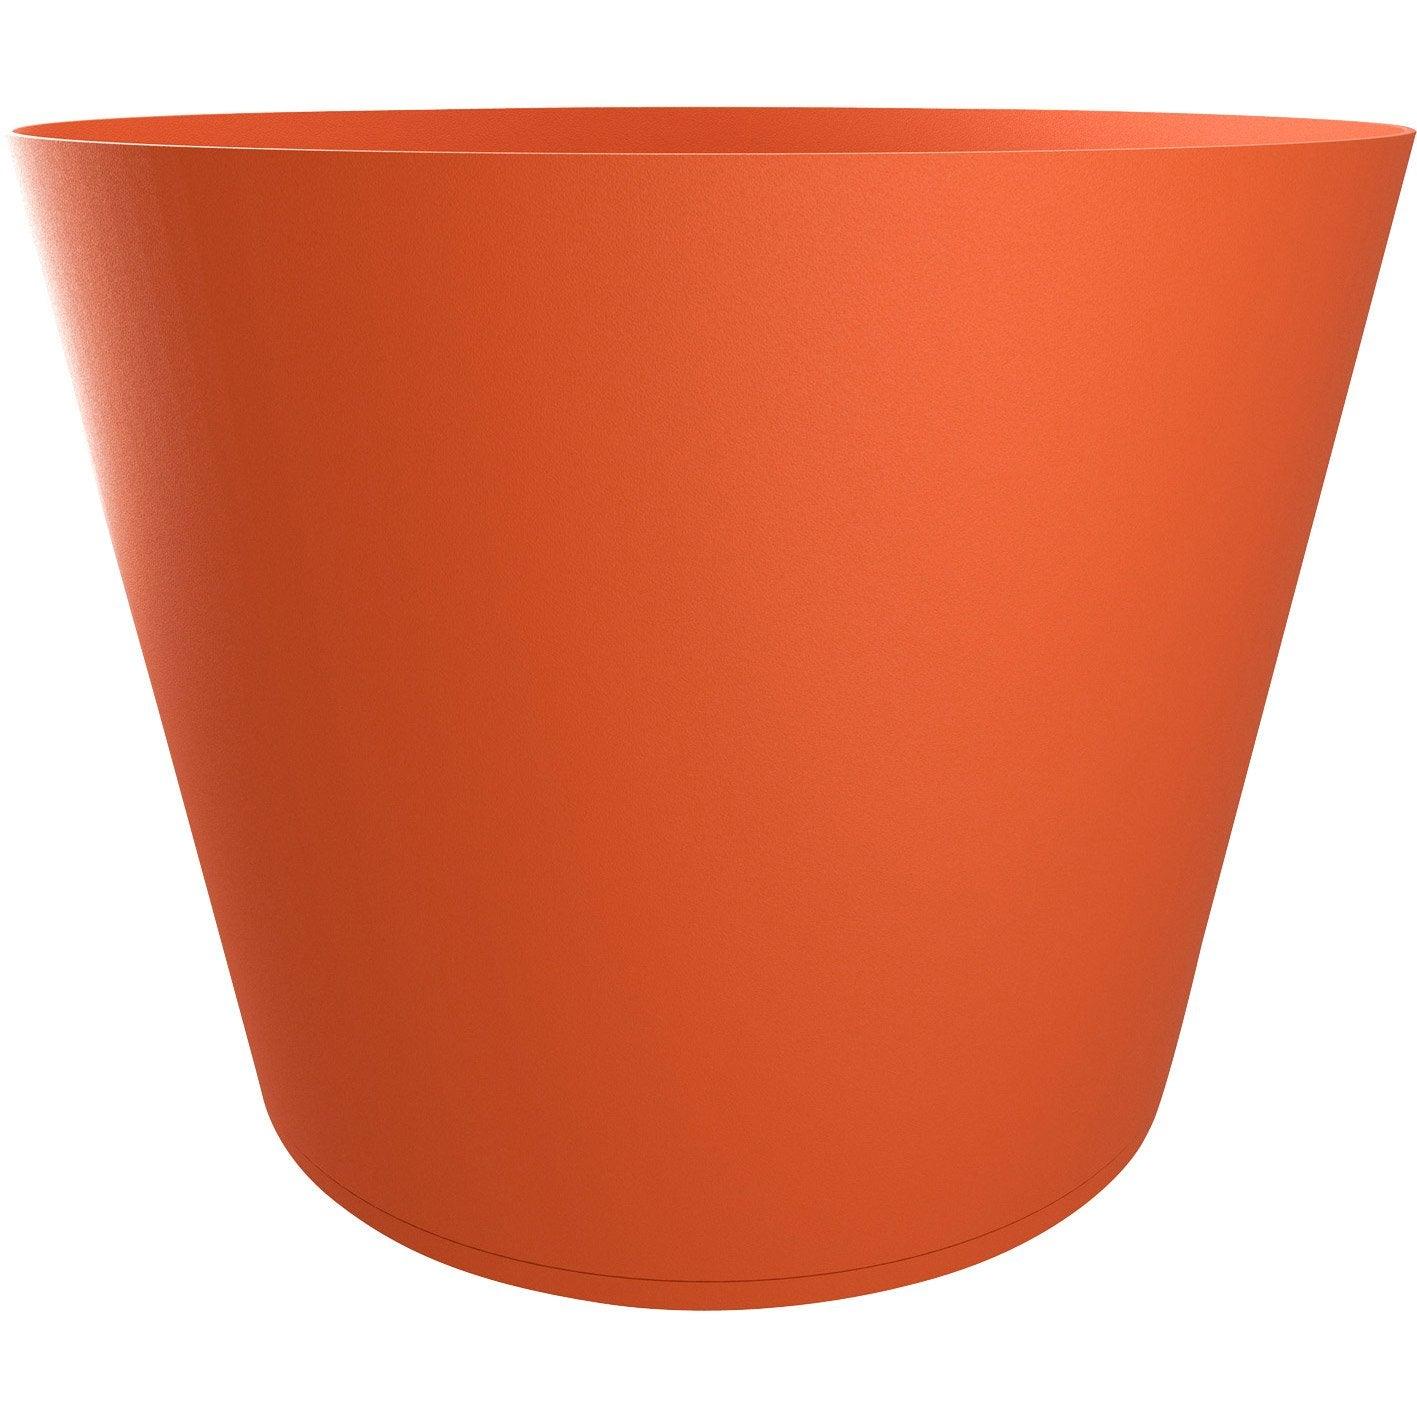 bac plastique grosfillex x cm orange br l leroy merlin. Black Bedroom Furniture Sets. Home Design Ideas